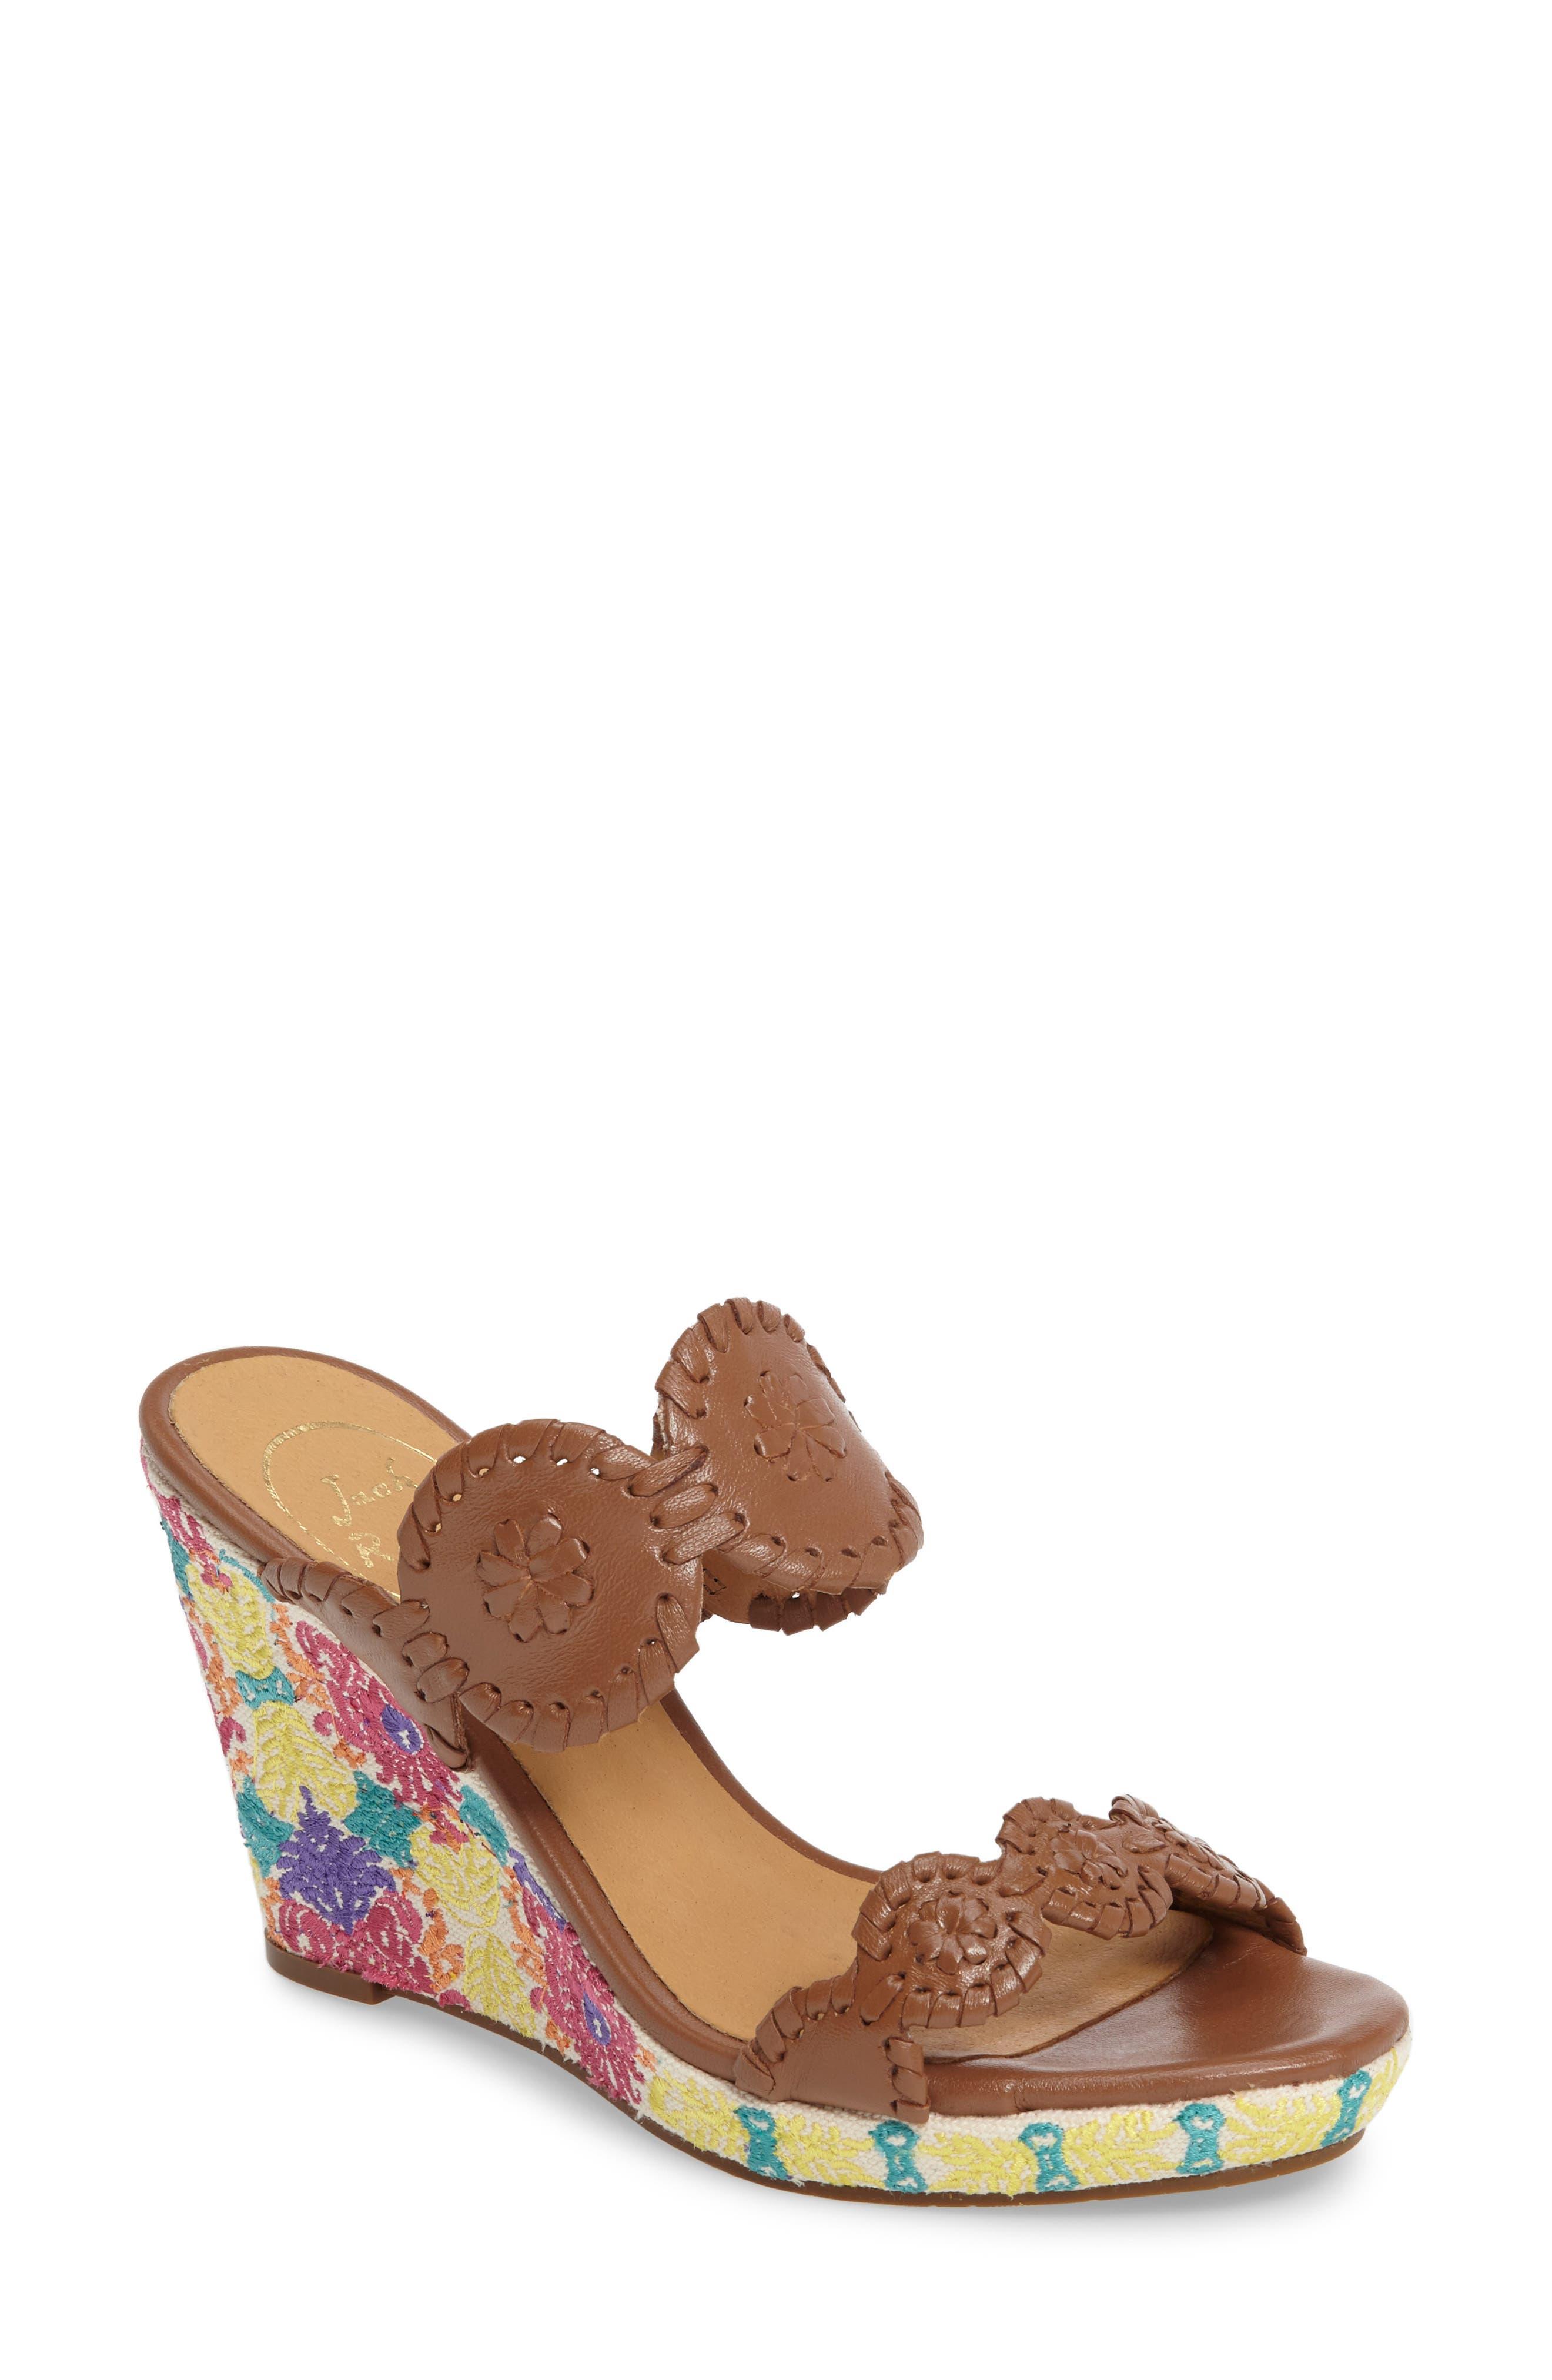 Livvy Wedge Slide Sandal,                         Main,                         color, 206